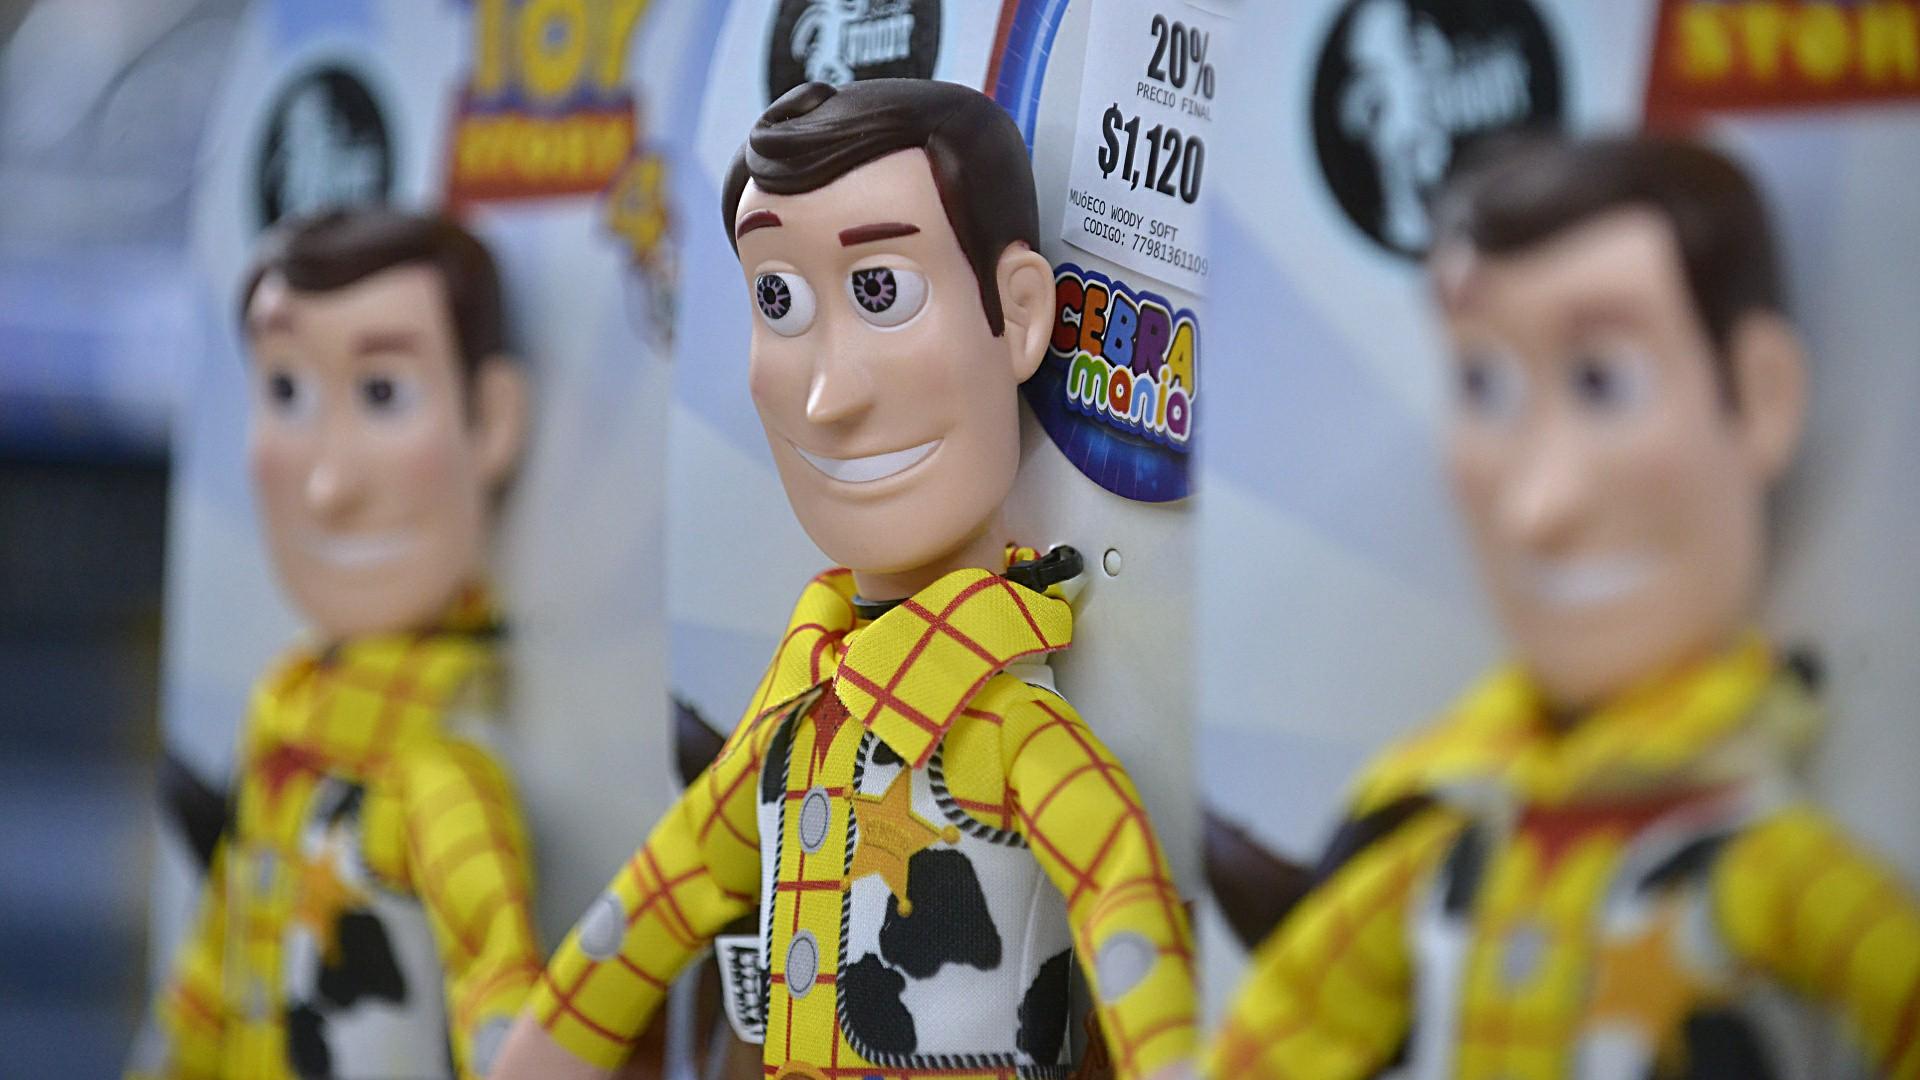 El Sheriff Woody, presente en el gran evento de las jugueterías. Un sector que cuenta en la Argentina con 180 fábricas, 3500 comercios, le da empleo a más de 8 mil personas y dona alrededor de 30.000 juguetes